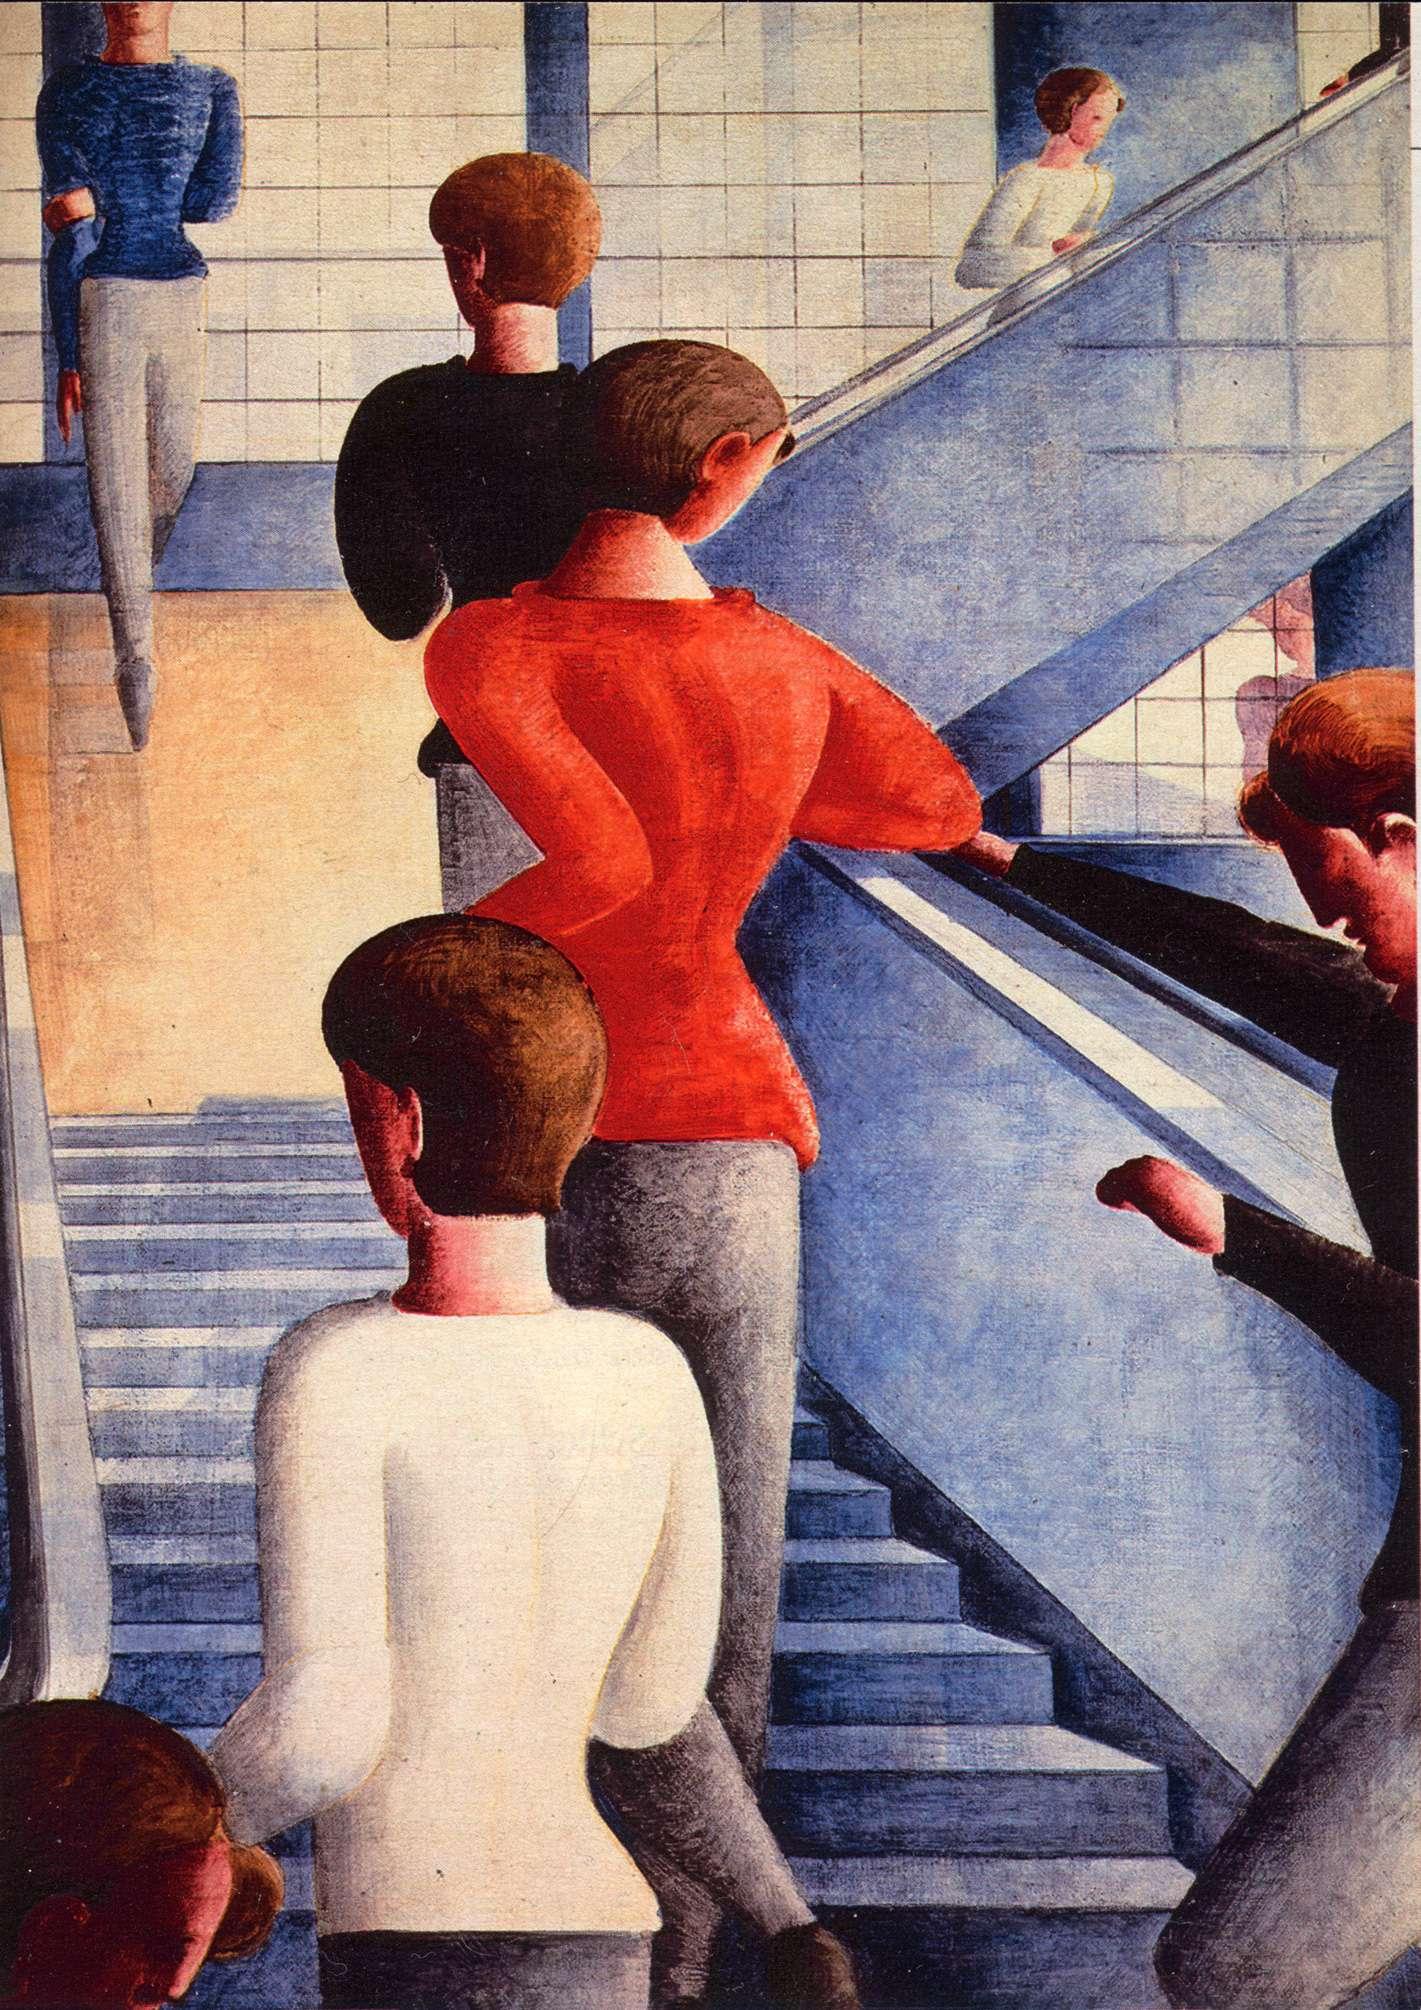 Όσκαρ Σλέμερ. Bauhaustreppe (1932). Μουσείο Μοντέρνας Τέχνης, Νέα Υόρκη.